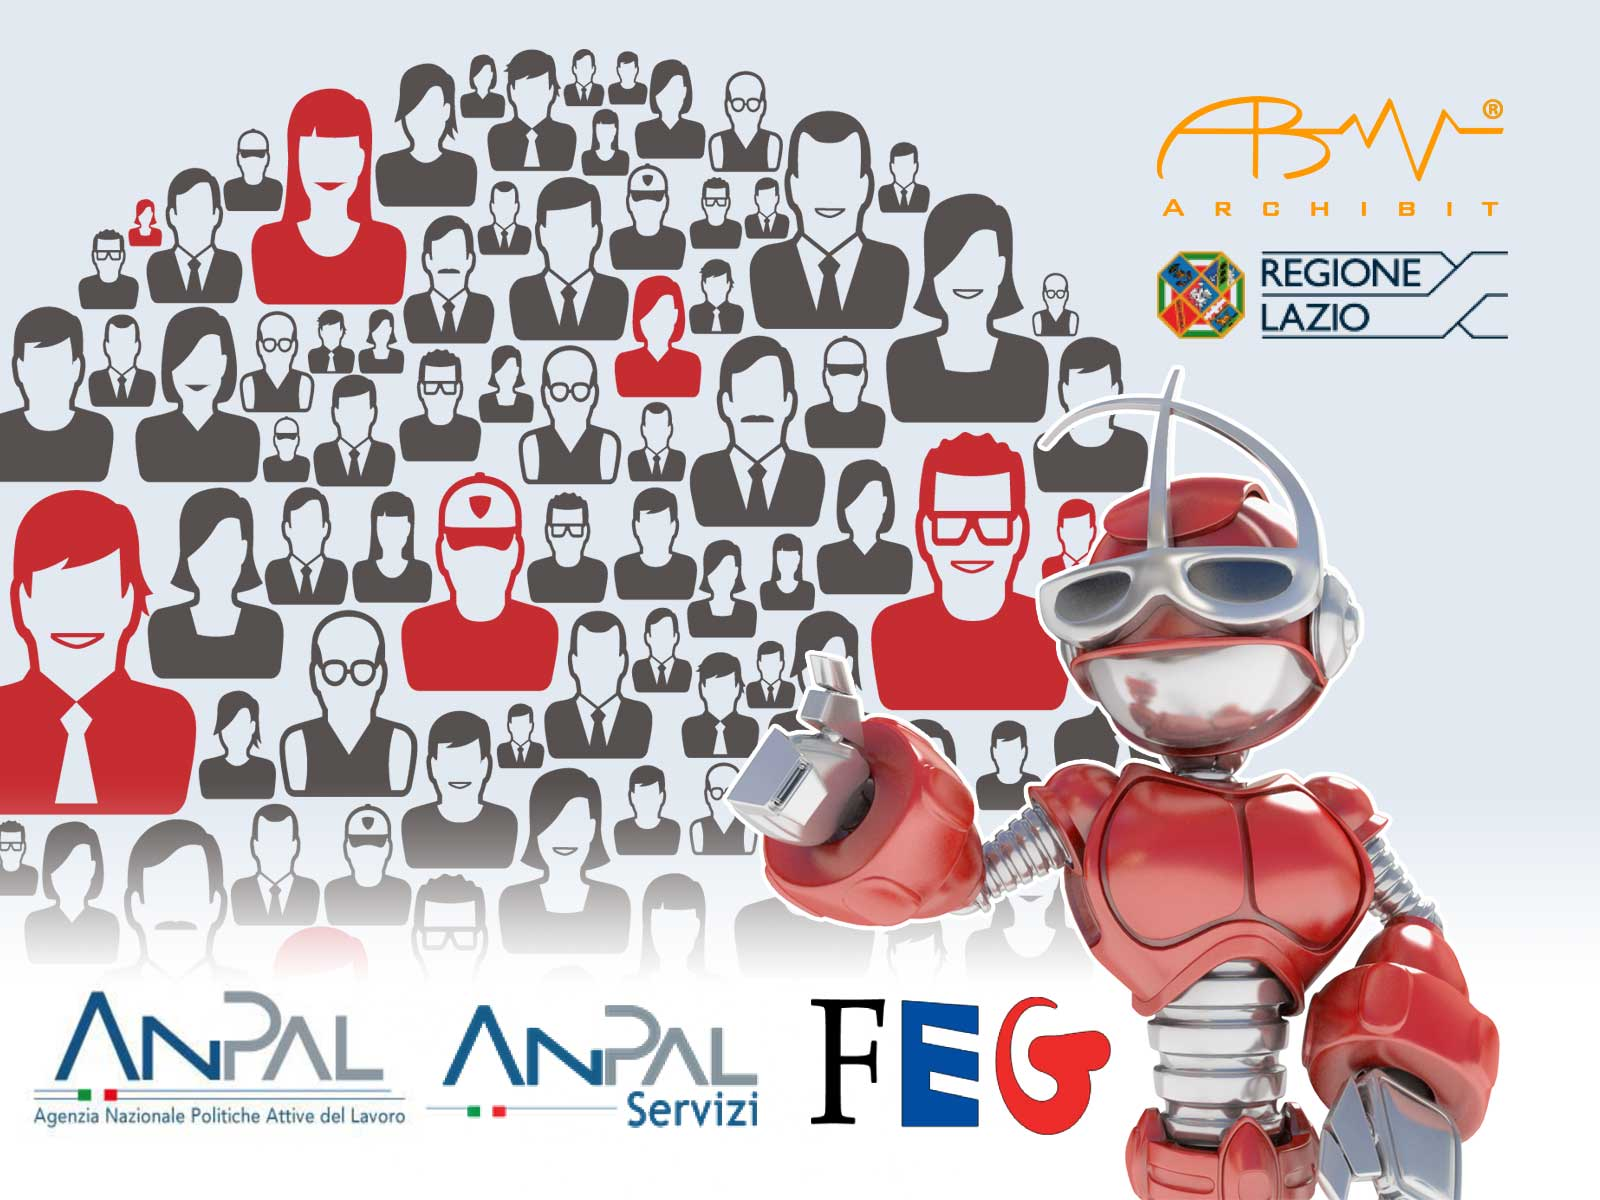 corsi-gratuiti-ex-lavoratori-almaviva-corso-finanziato-comunita-europea-fse-regione-lazio-archibit-centro-corsi-finanziati-roma